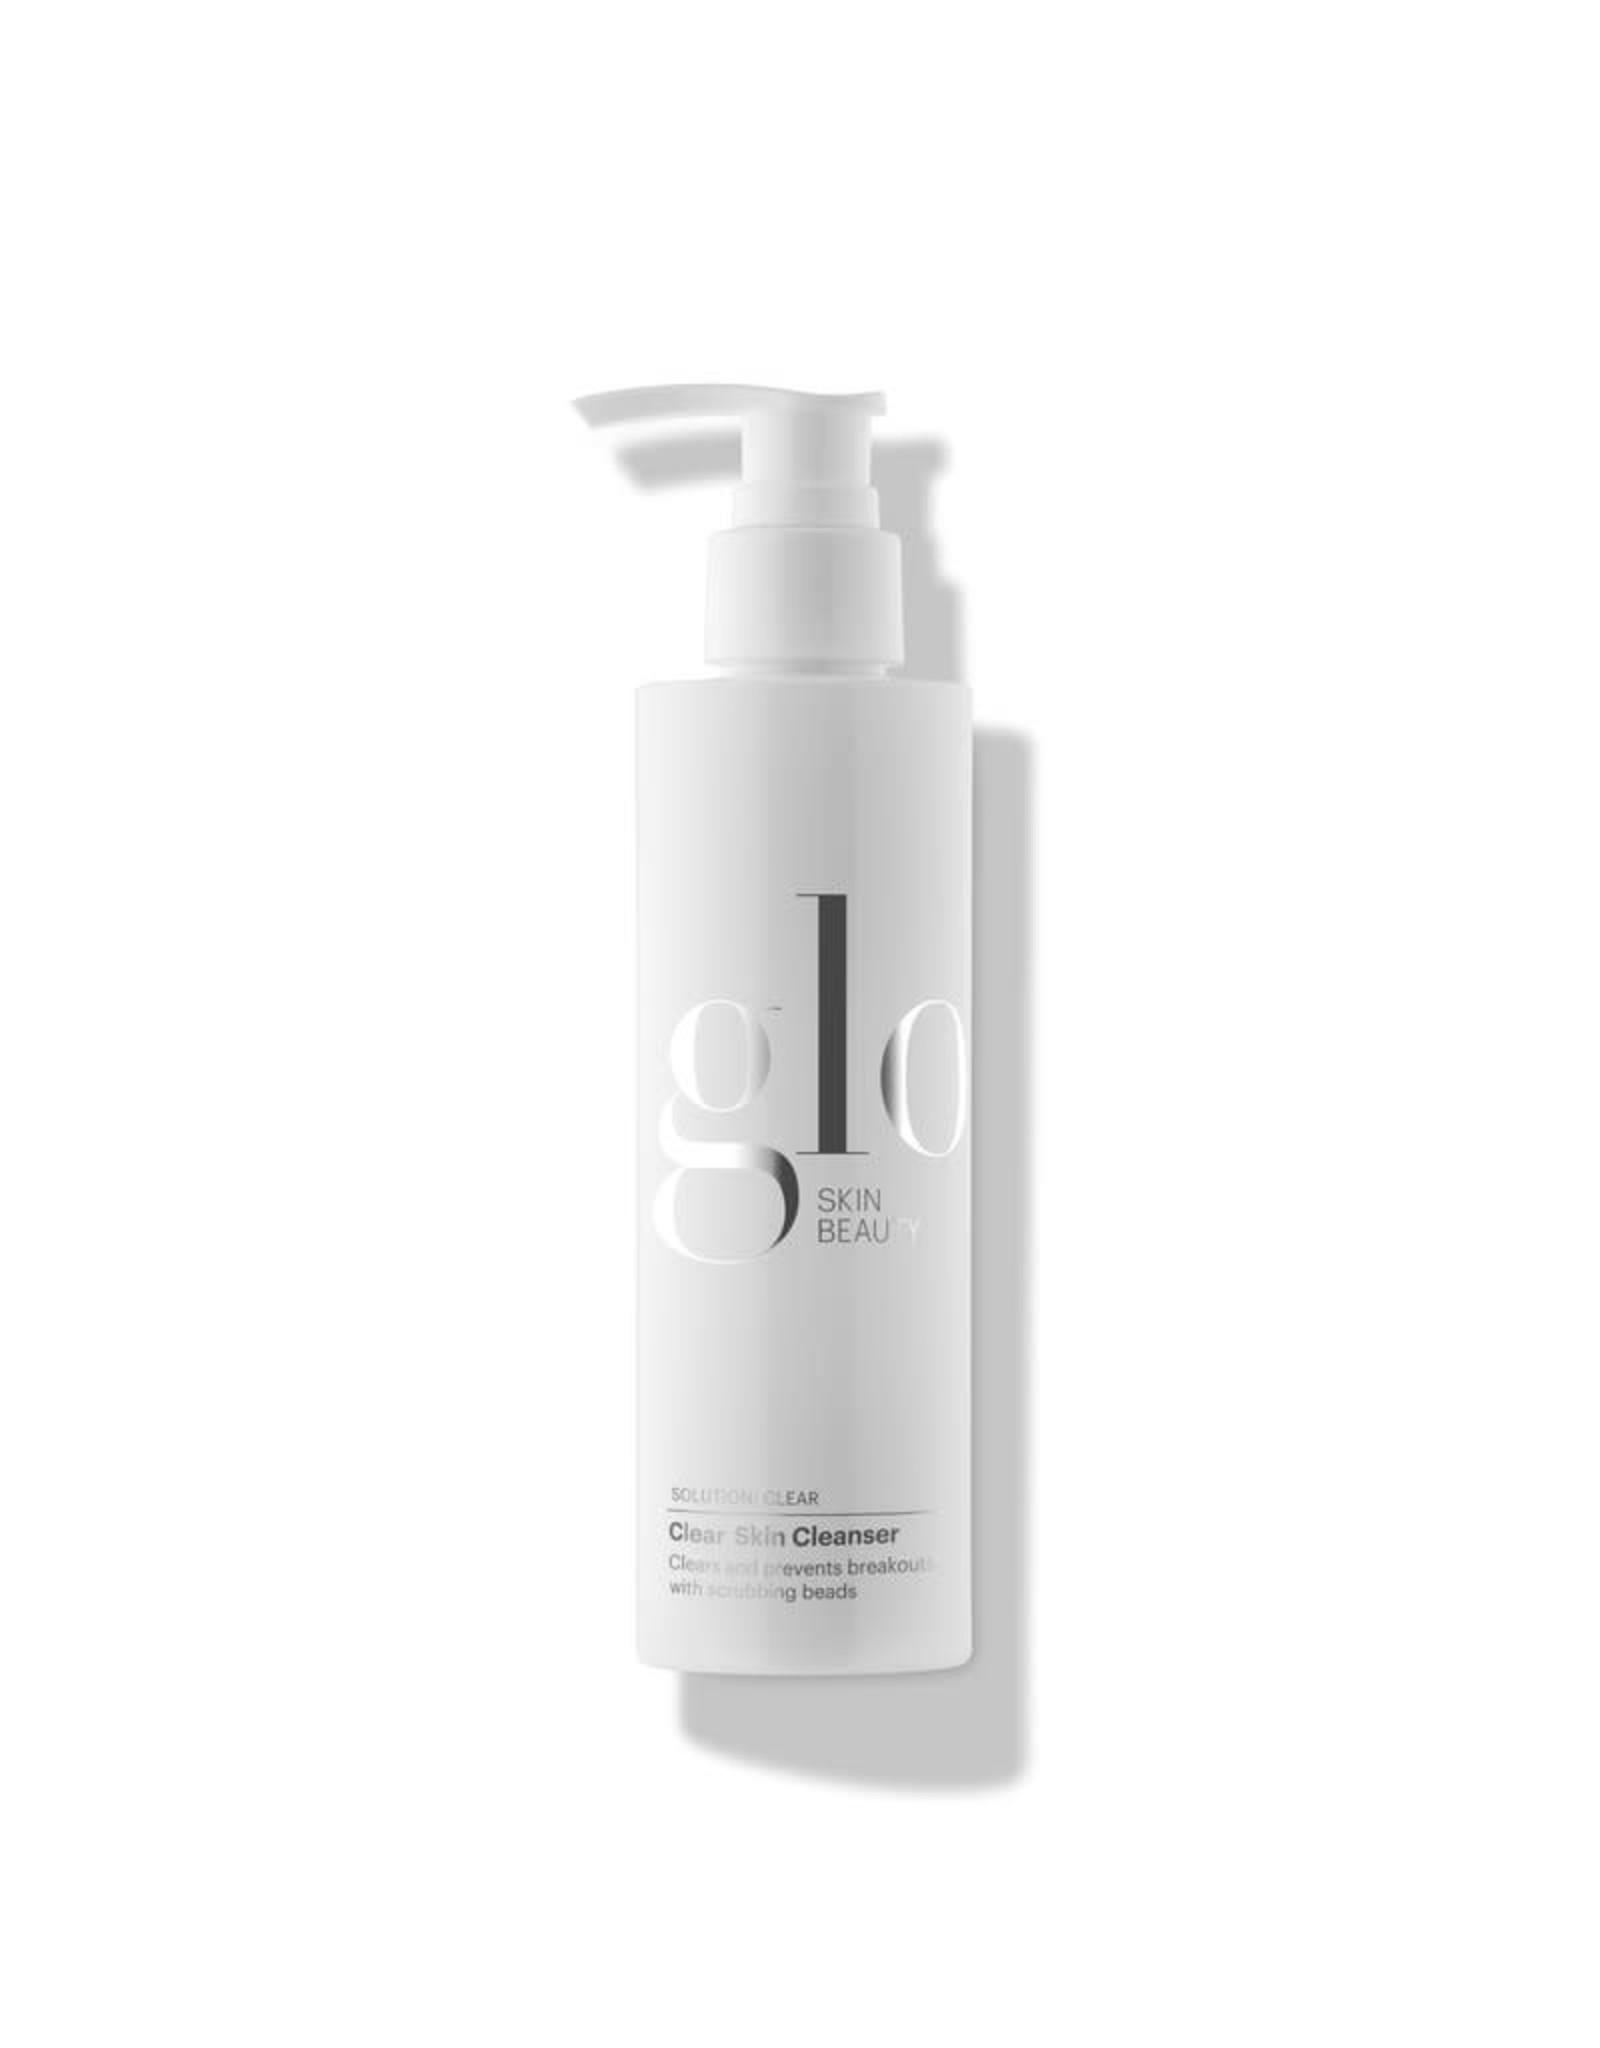 Glo Skin Beauty Clear Skin Cleanser